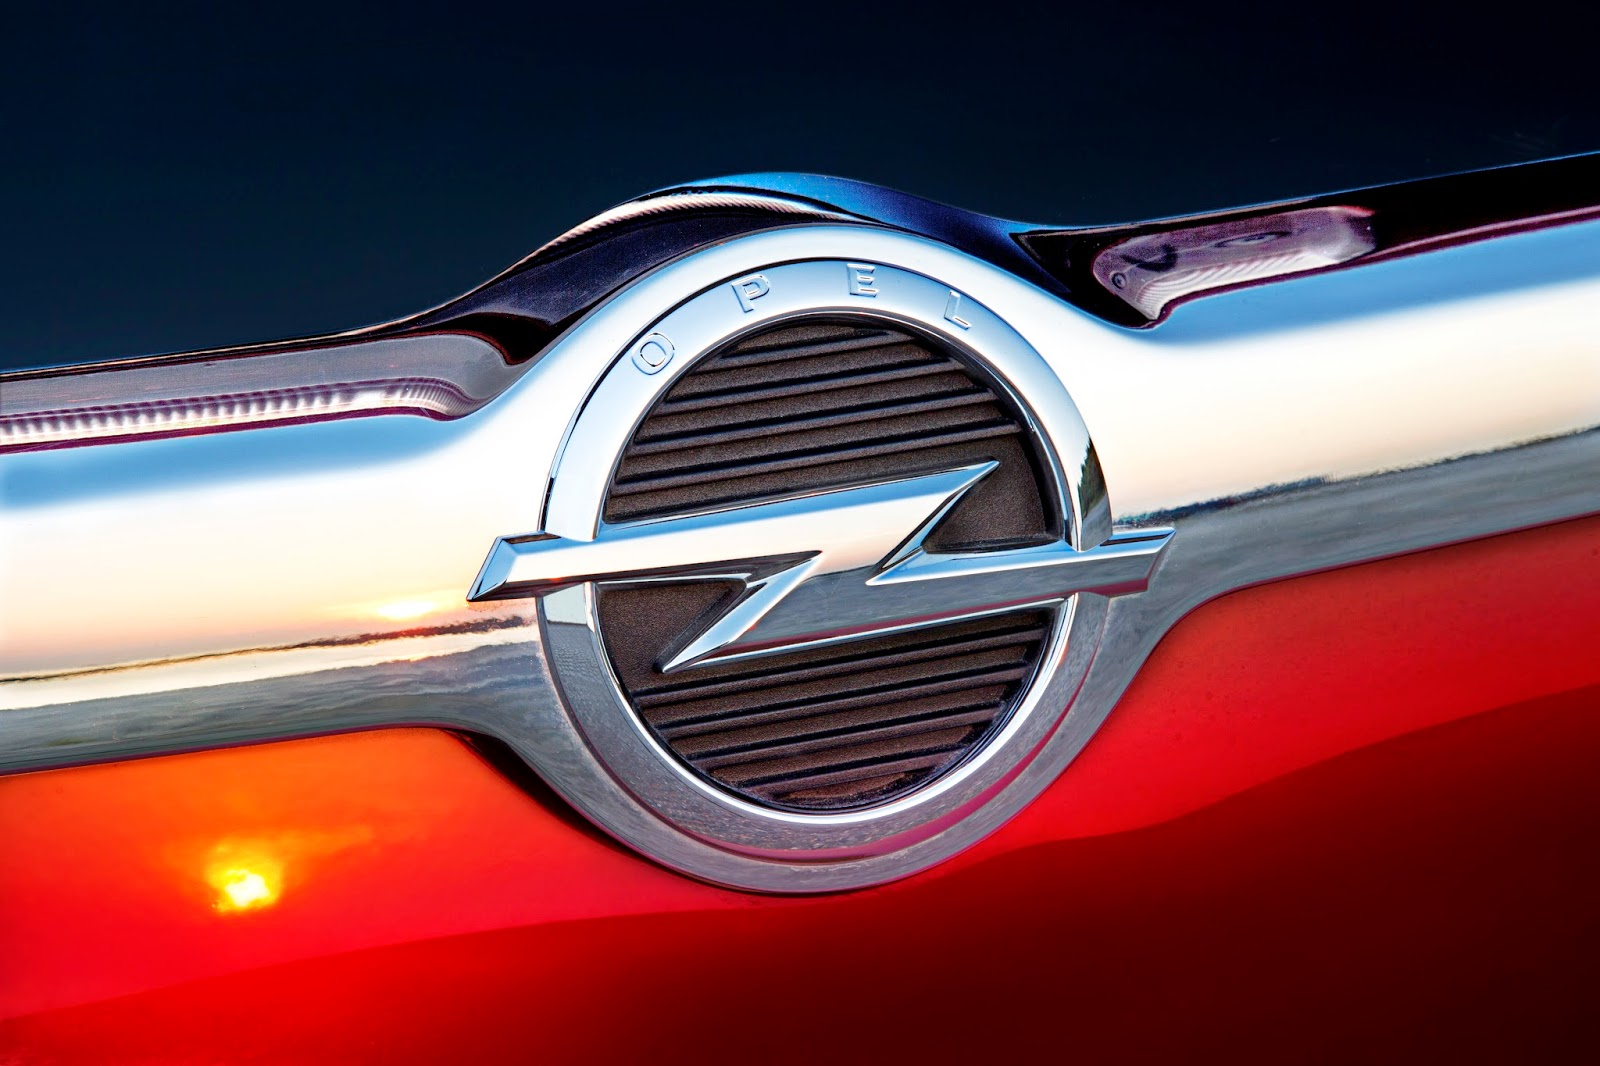 Histoire de la marque de voiture anglaise Opel